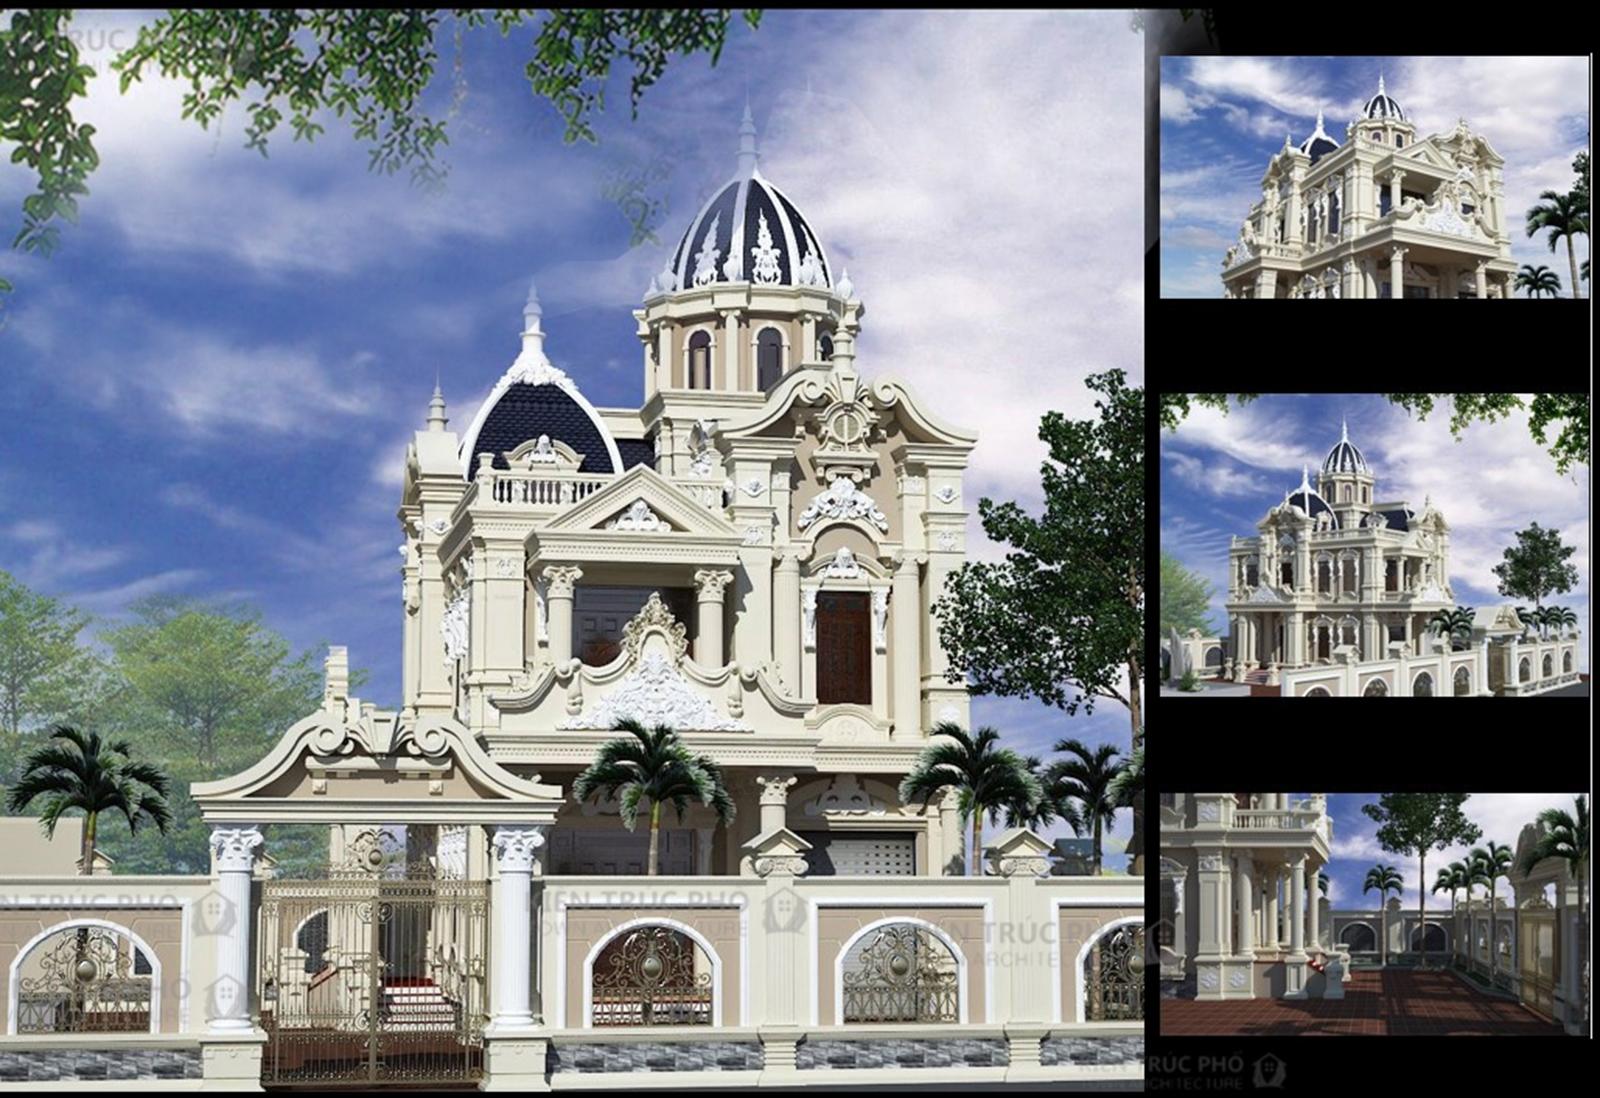 Các góc nhìn phối cảnh khác nhau của biệt thự lâu đài